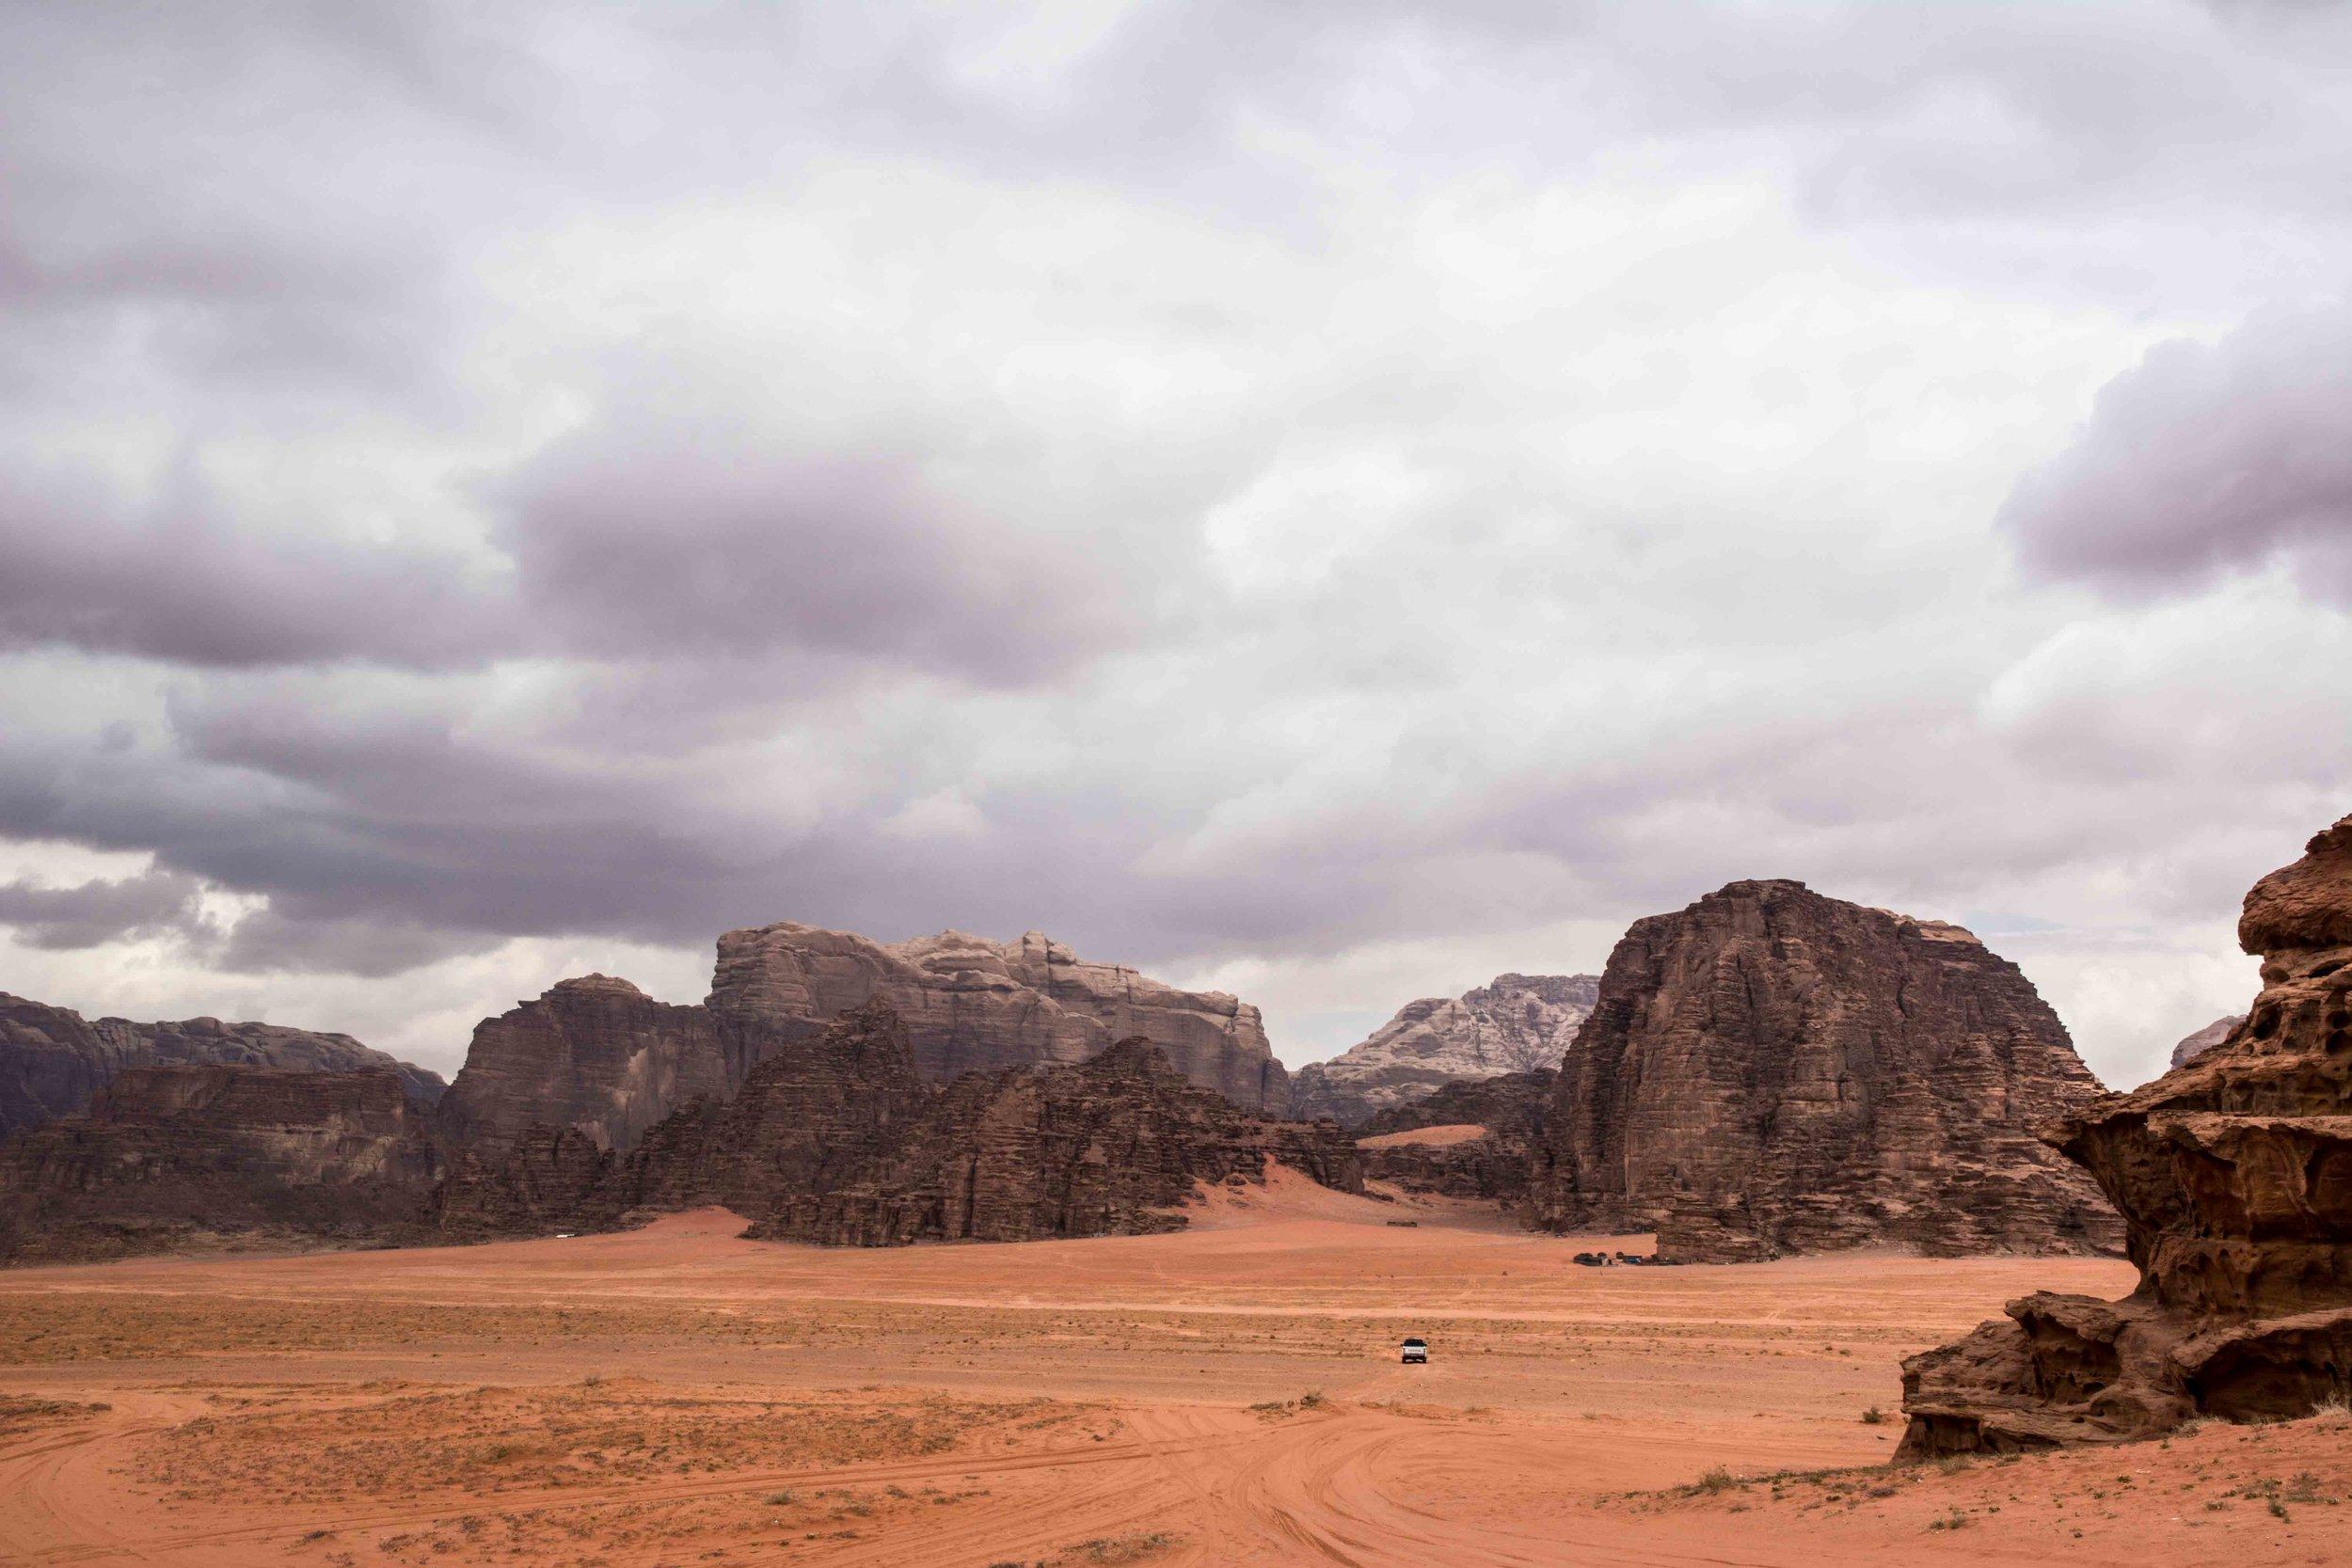 The desert of Wadi Rum in Jordan